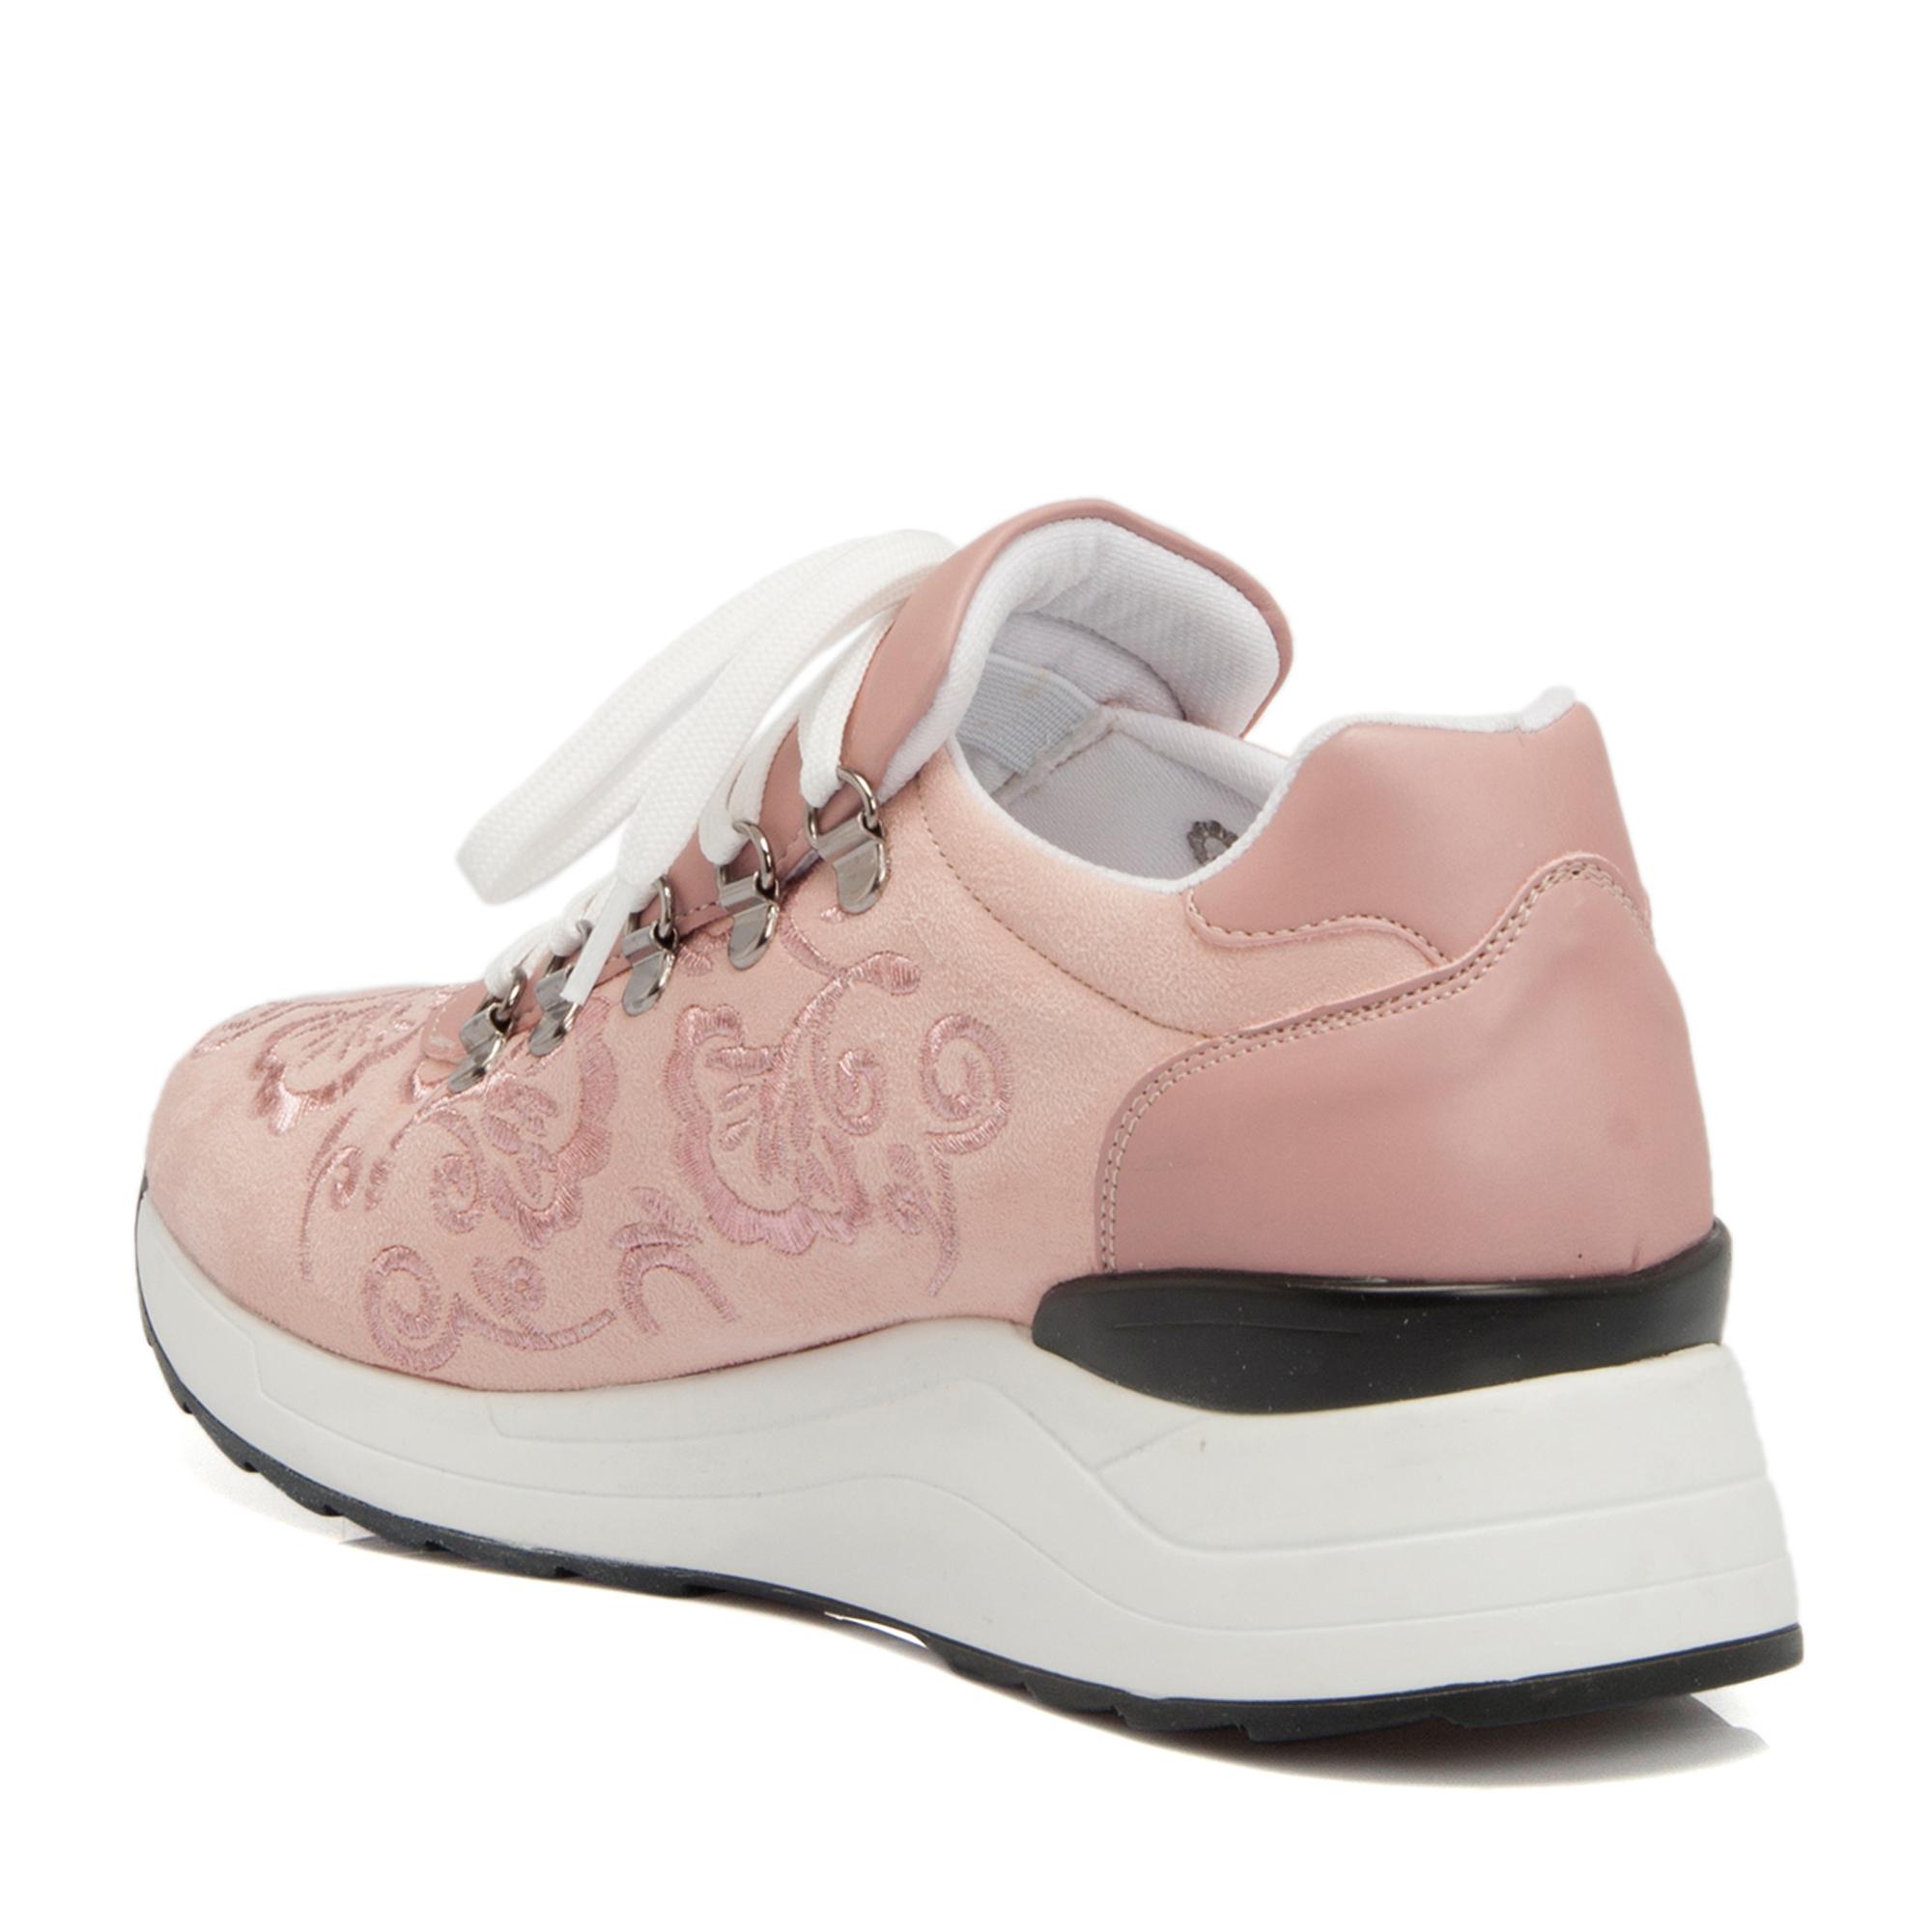 Pudra Kadın Ayakkabı 64234C63